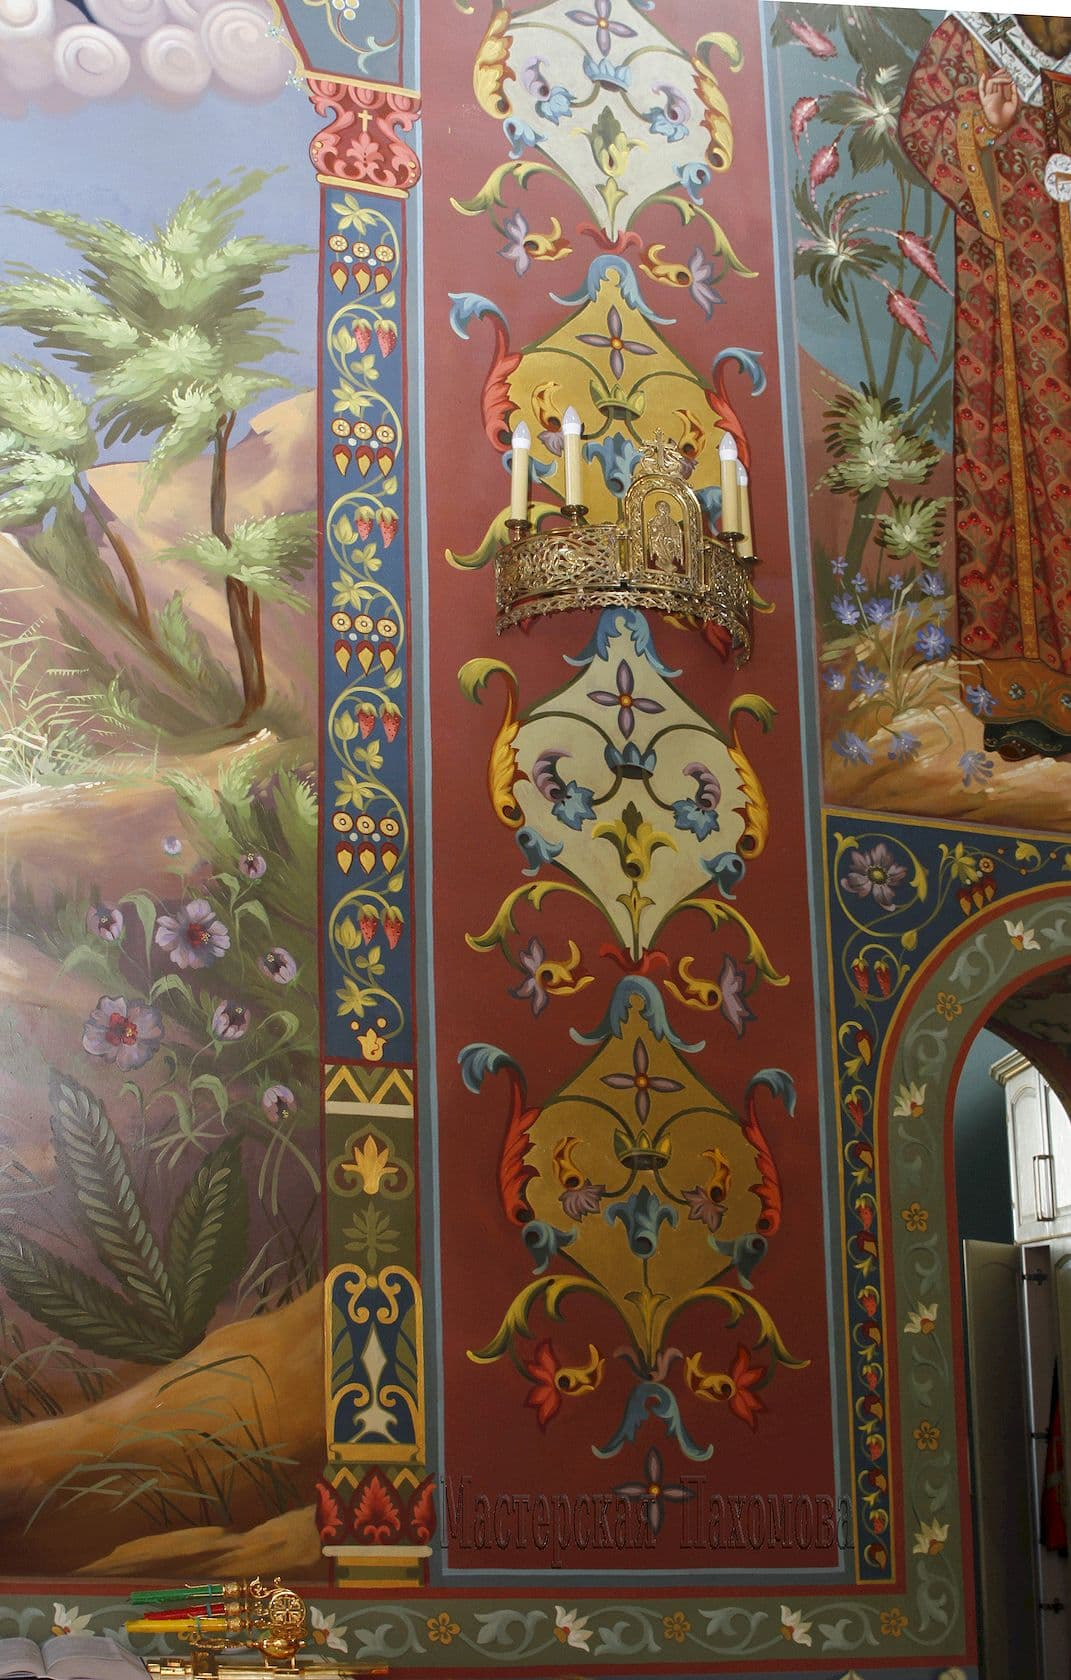 Орнамент в храме, роспись стен, иконопись г. Пятигорск